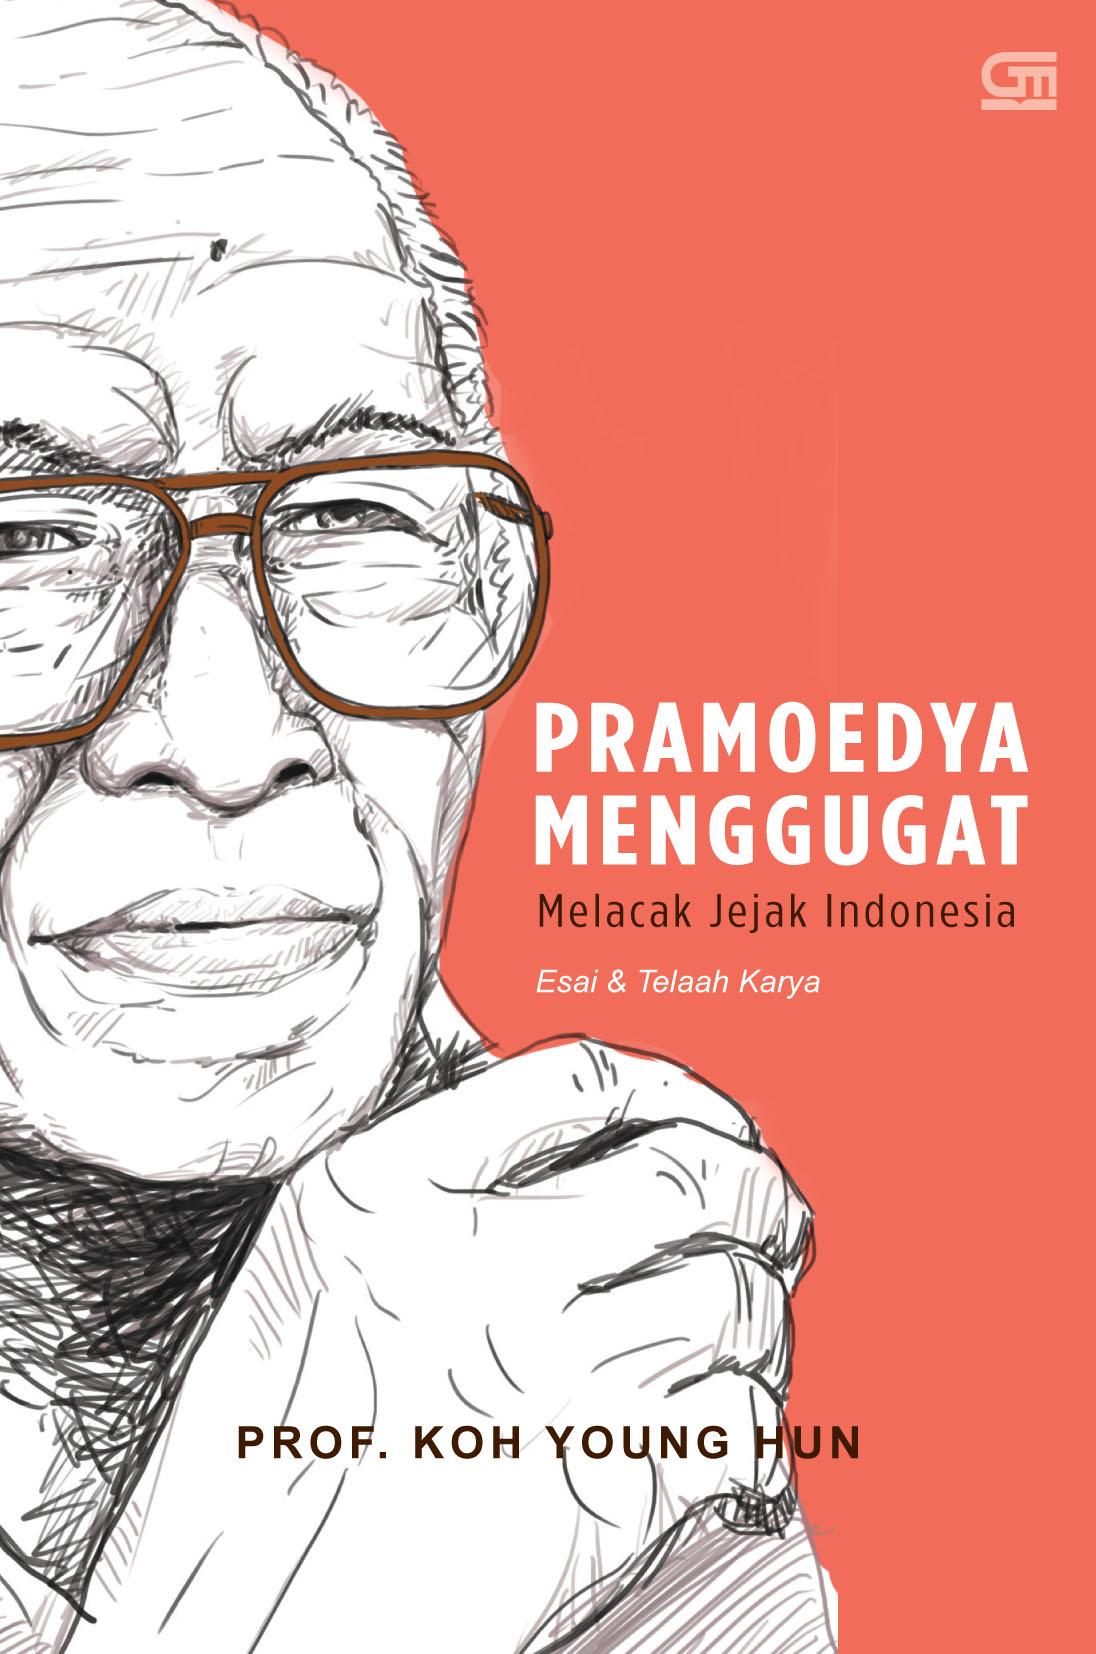 Pramoedya Menggugat, Melacak Jejak Indonesia